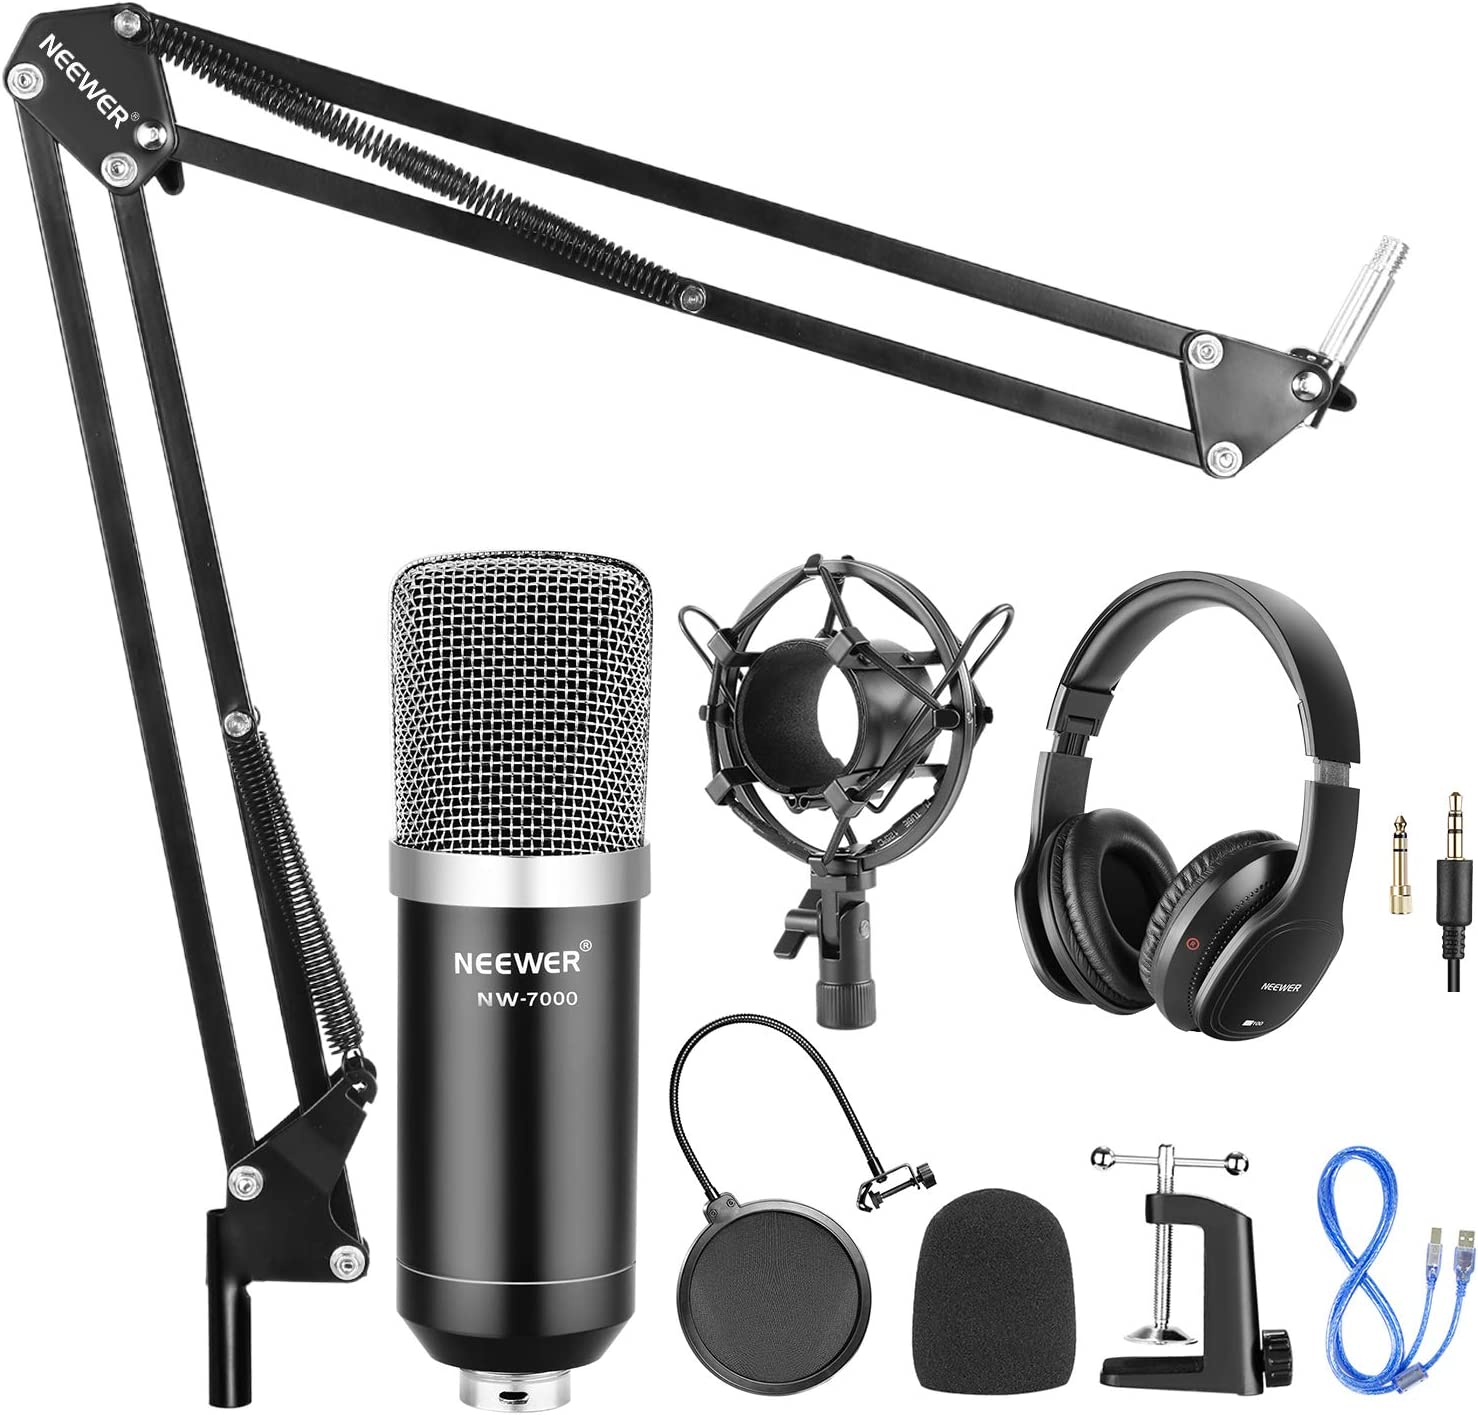 Neewer USB Micr/ófono con Suspensi/ón Cable USB y Kit Abrazadera para Grabaci/ón para Windows y Mac Brazo Tijera Montaje a Prueba de Golpes Filtro Pop Auriculares con Monitor Negro//Plateado